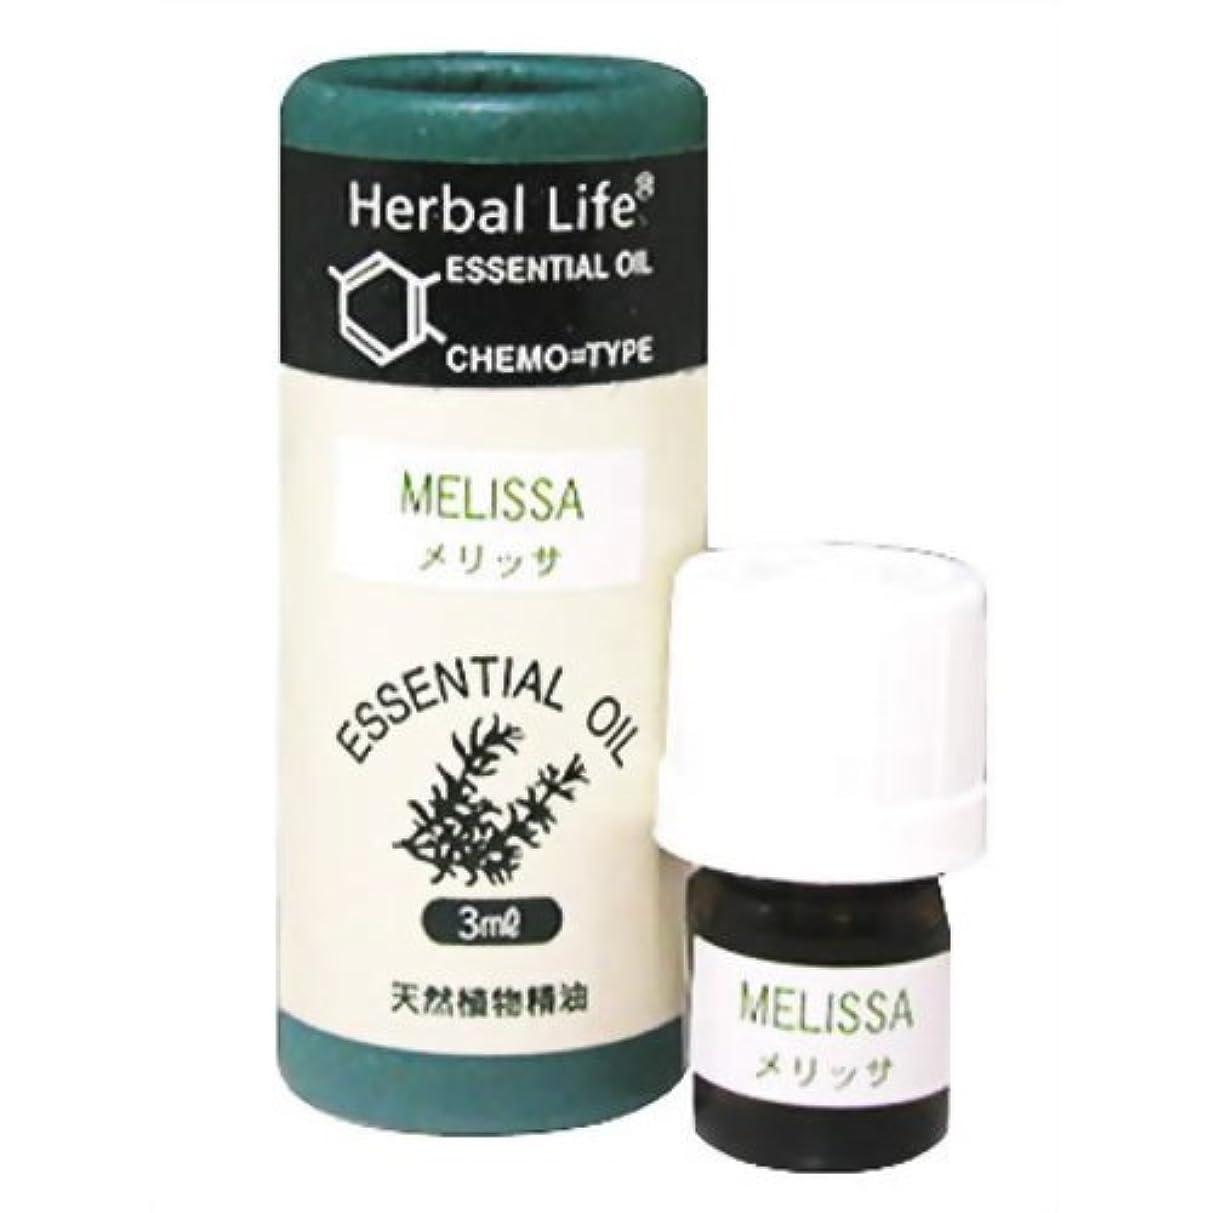 Herbal Life メリッサ 3ml